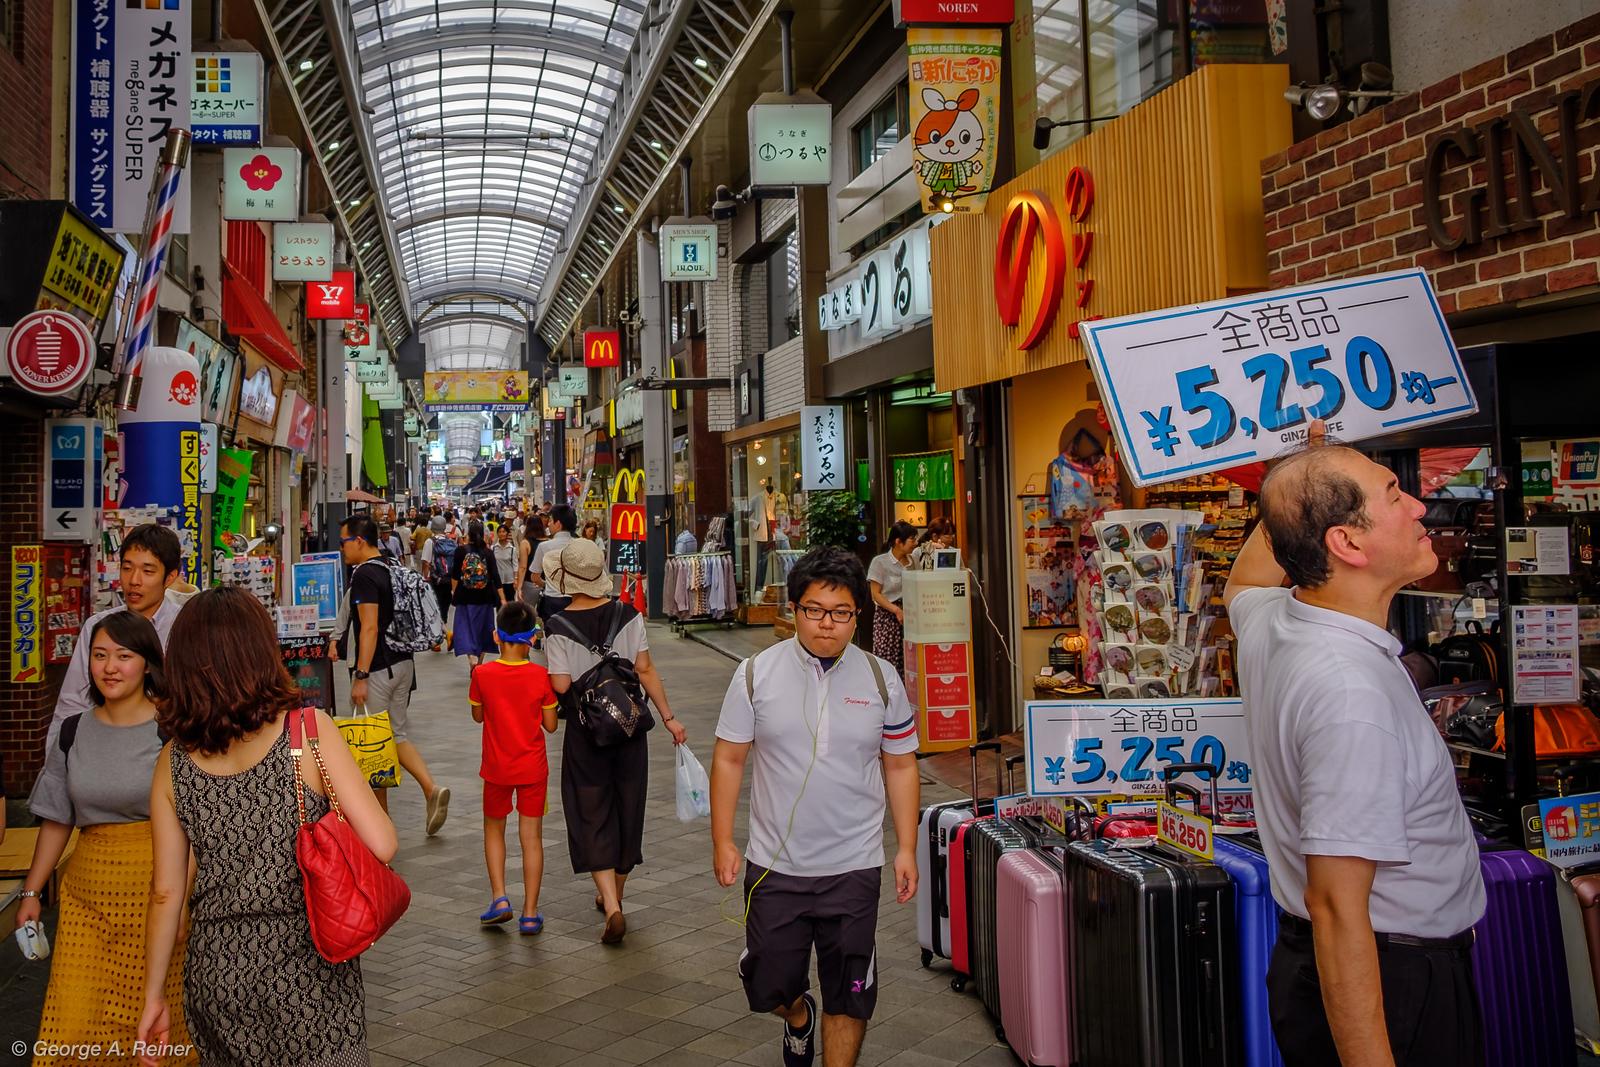 Street scene from Asakusa